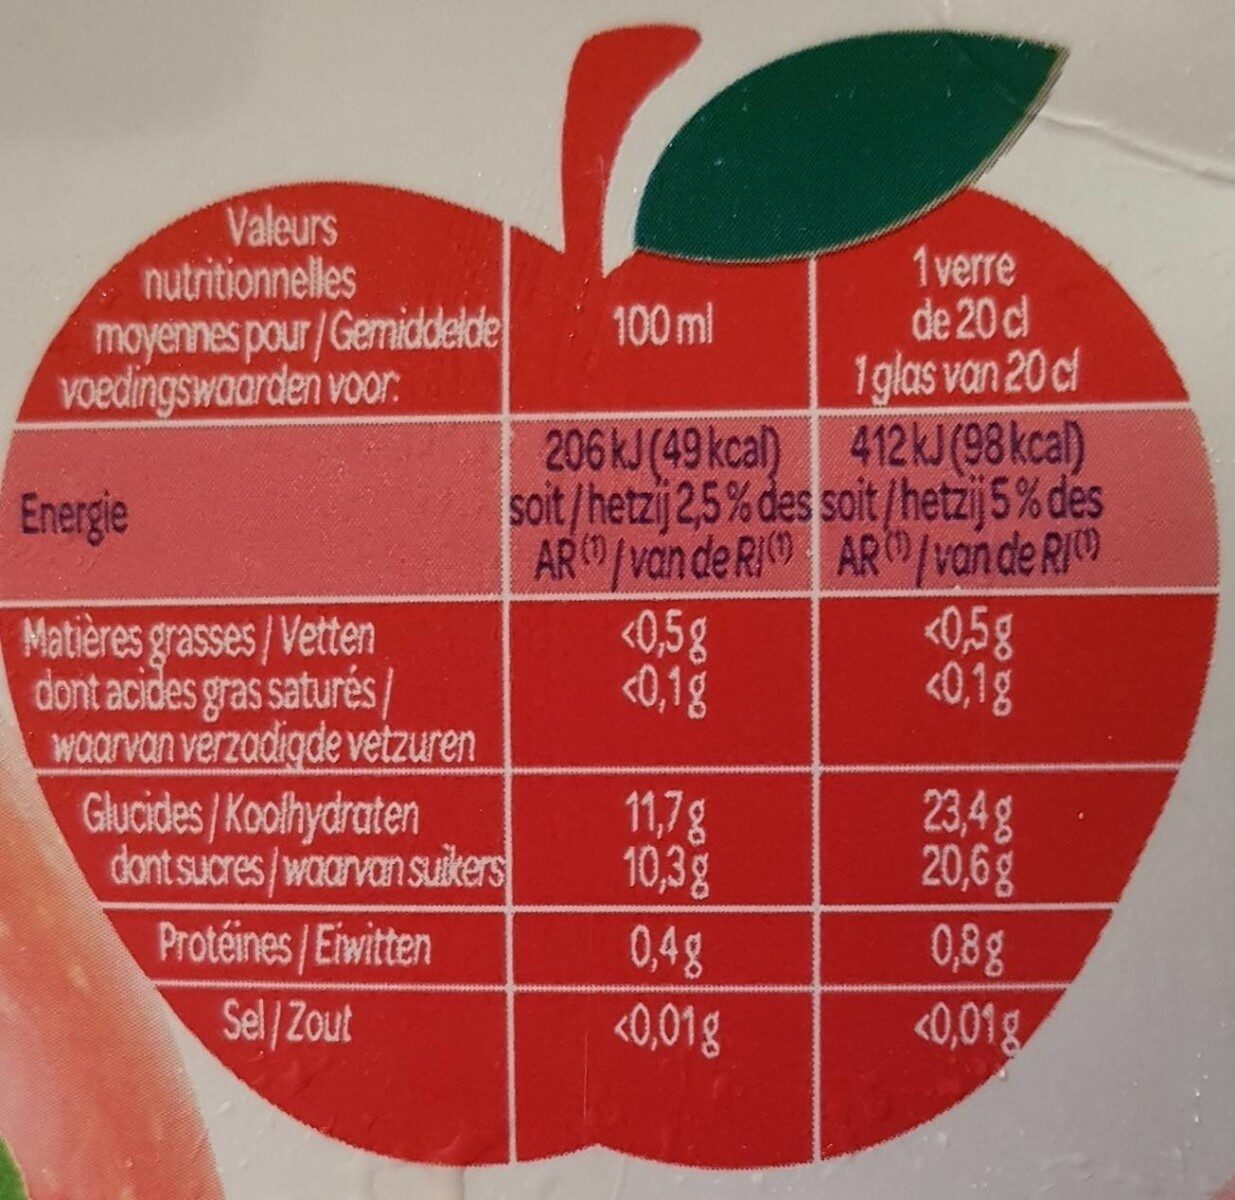 Jus de pomme à base de concentré - Informazioni nutrizionali - fr